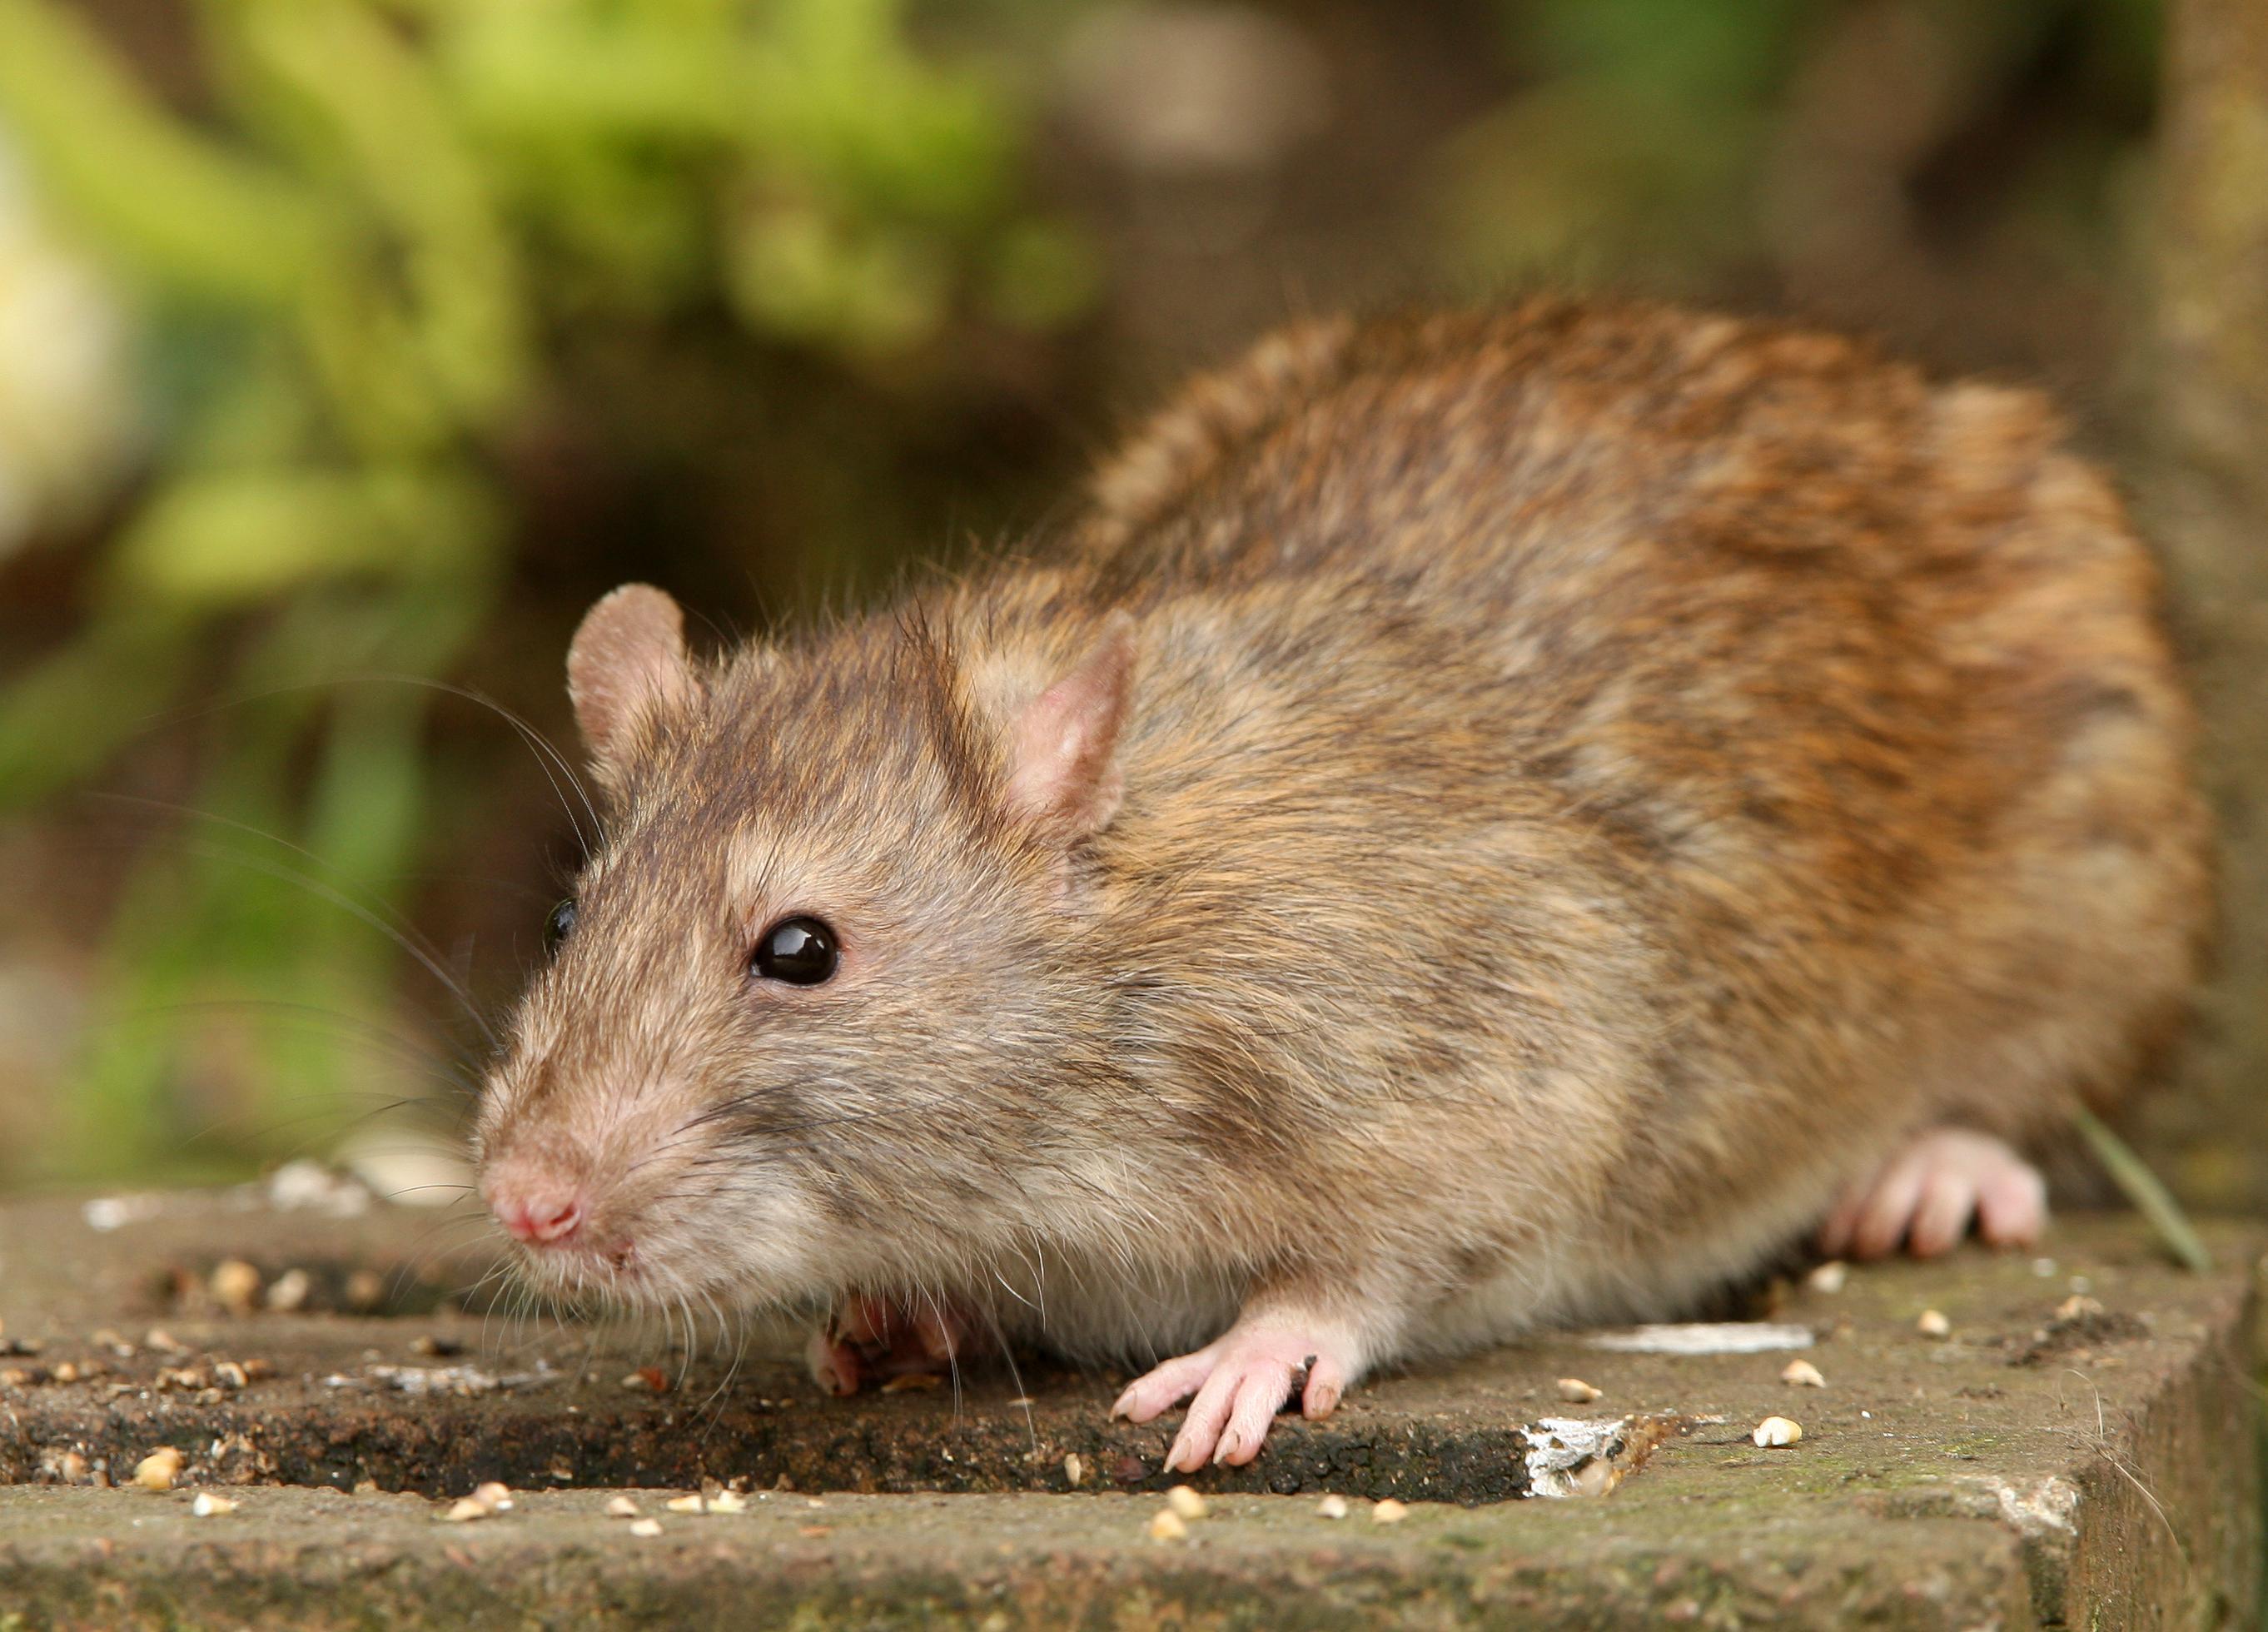 Quelles sont les maladies transmises par les rats?